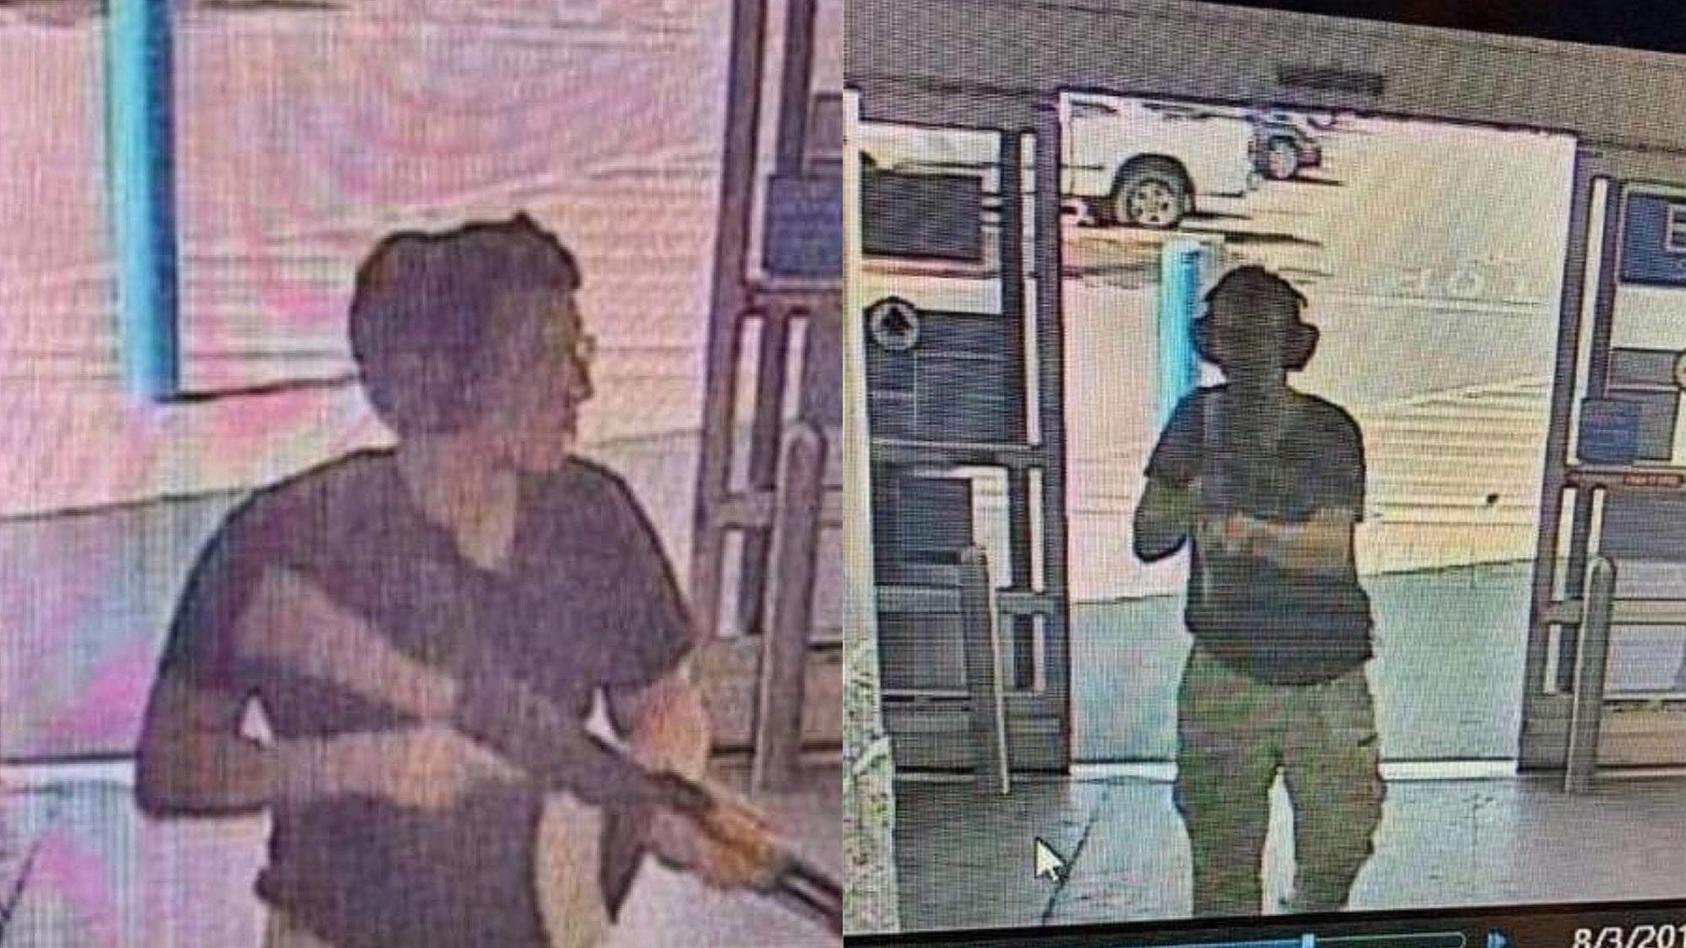 Überwachungskamera zeigt den Täter von Texas.